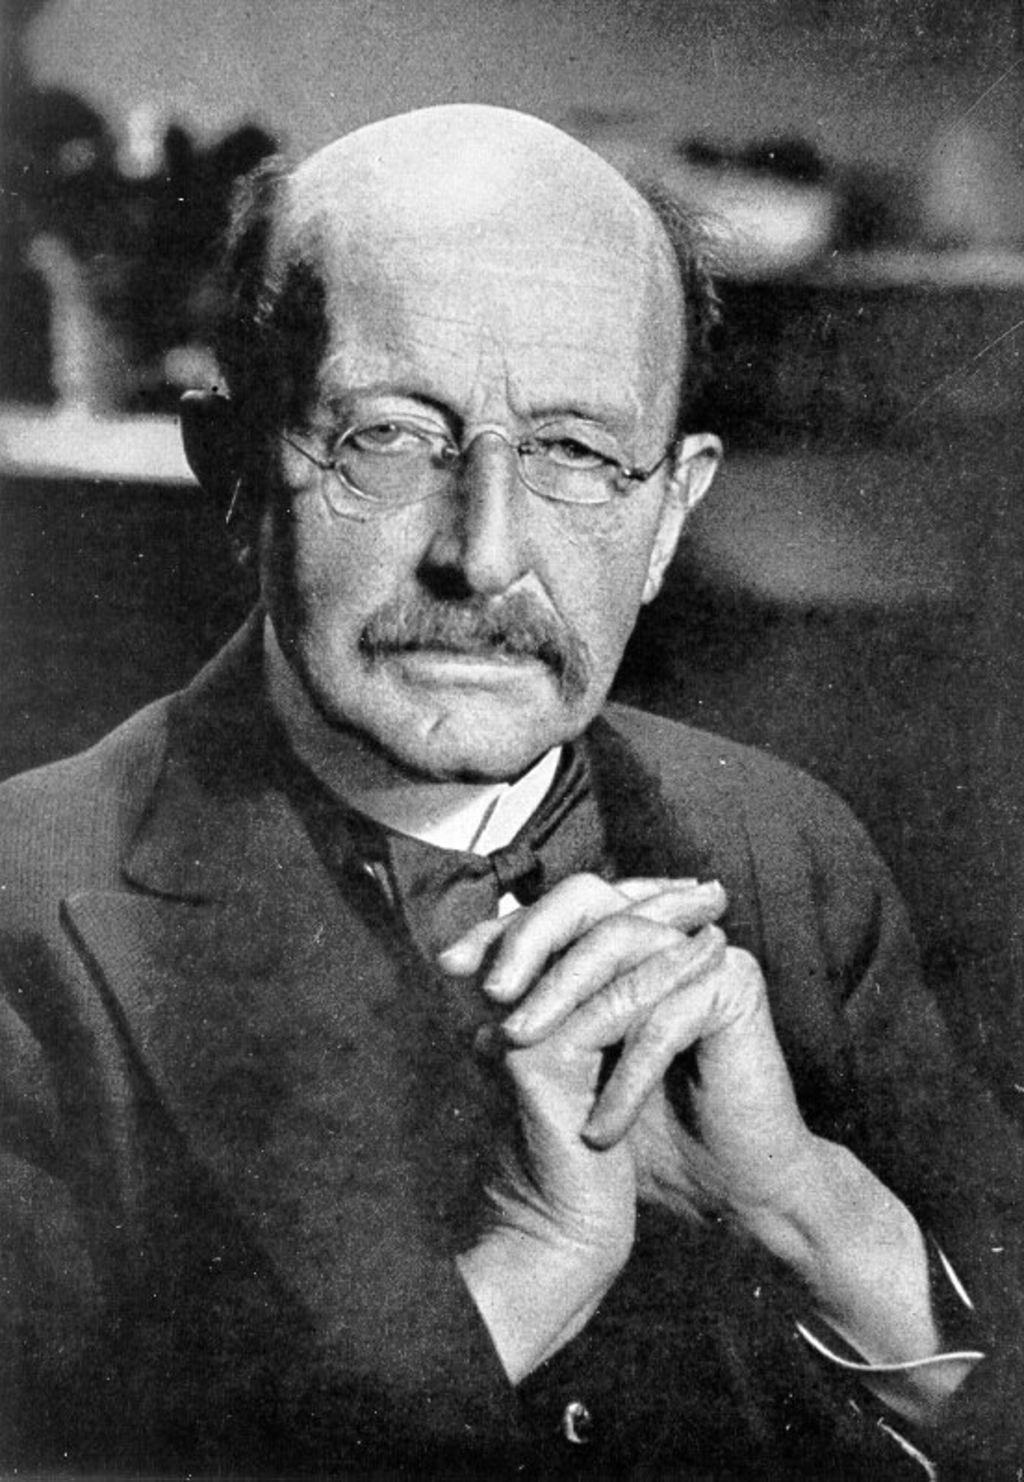 Zur 20. Jahrhundertwende behauptet Max Planck, dass Energie in winzigen Einheiten abgestrahlt wird, und bezeichnet sie als Quanten. Durch weitere Forschungen findet er eine universelle Naturkonstante, die er als Plancksches Wirkungsquantum bezeichnet. Aufgrund dieser Erkenntnisse schaffen die Physiker Heisenberg, Schrödinger und Pauli 25 Jahre später ein neues Verständnis der atomaren Welt.